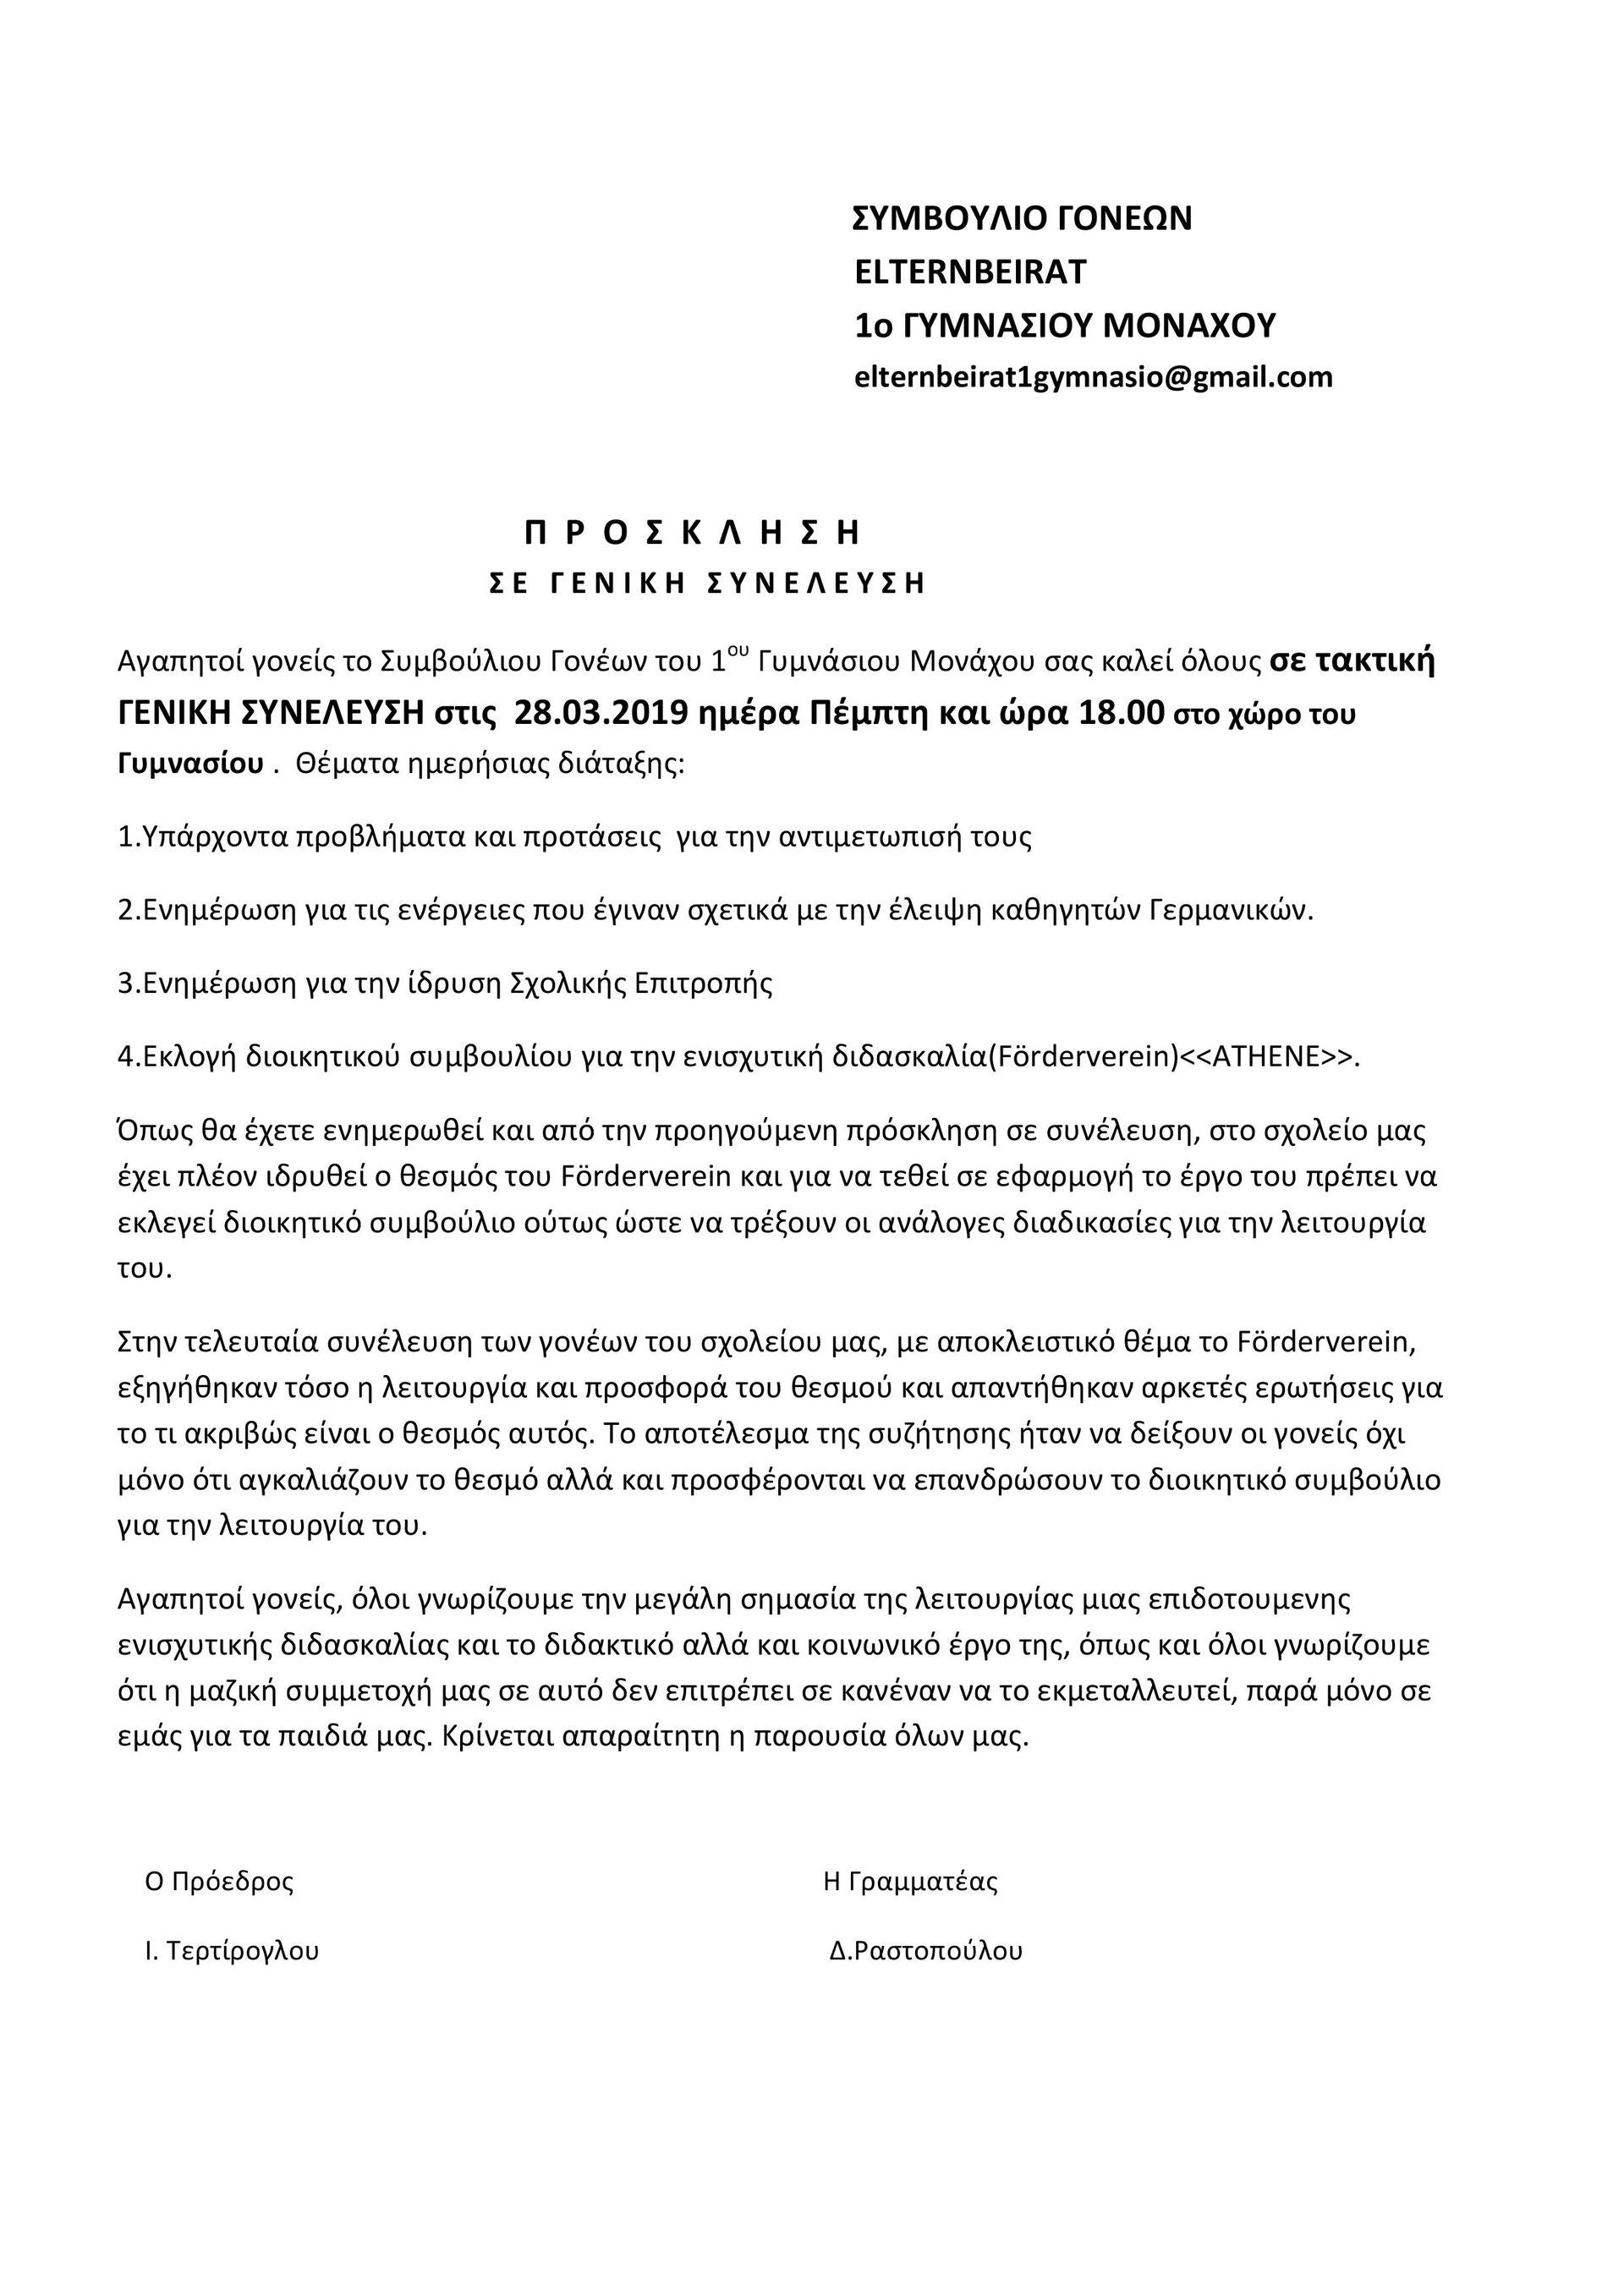 fb3c000cef1 Συμβούλιο Γονέων 1ου Γυμνασίου Μονάχου - ΔΟΡΥΦΟΡΟΣ